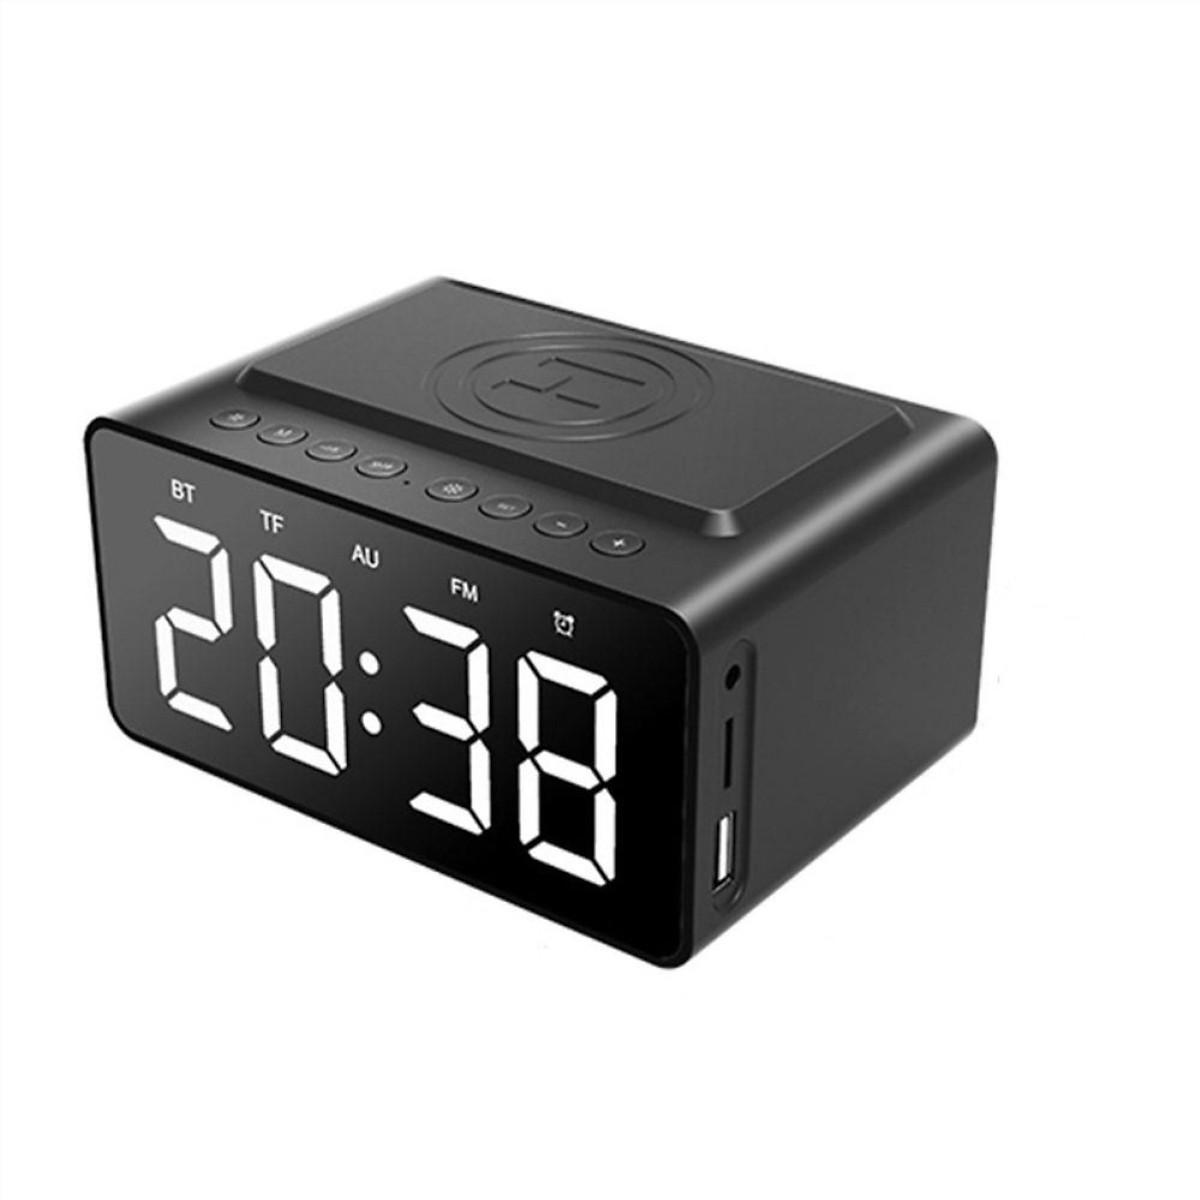 Loa Bluetooth Mặt Gương BT508 | tích hợp đồng hồ báo thức | sạc không dây | màn hình Led - Hàng Chính Hãng